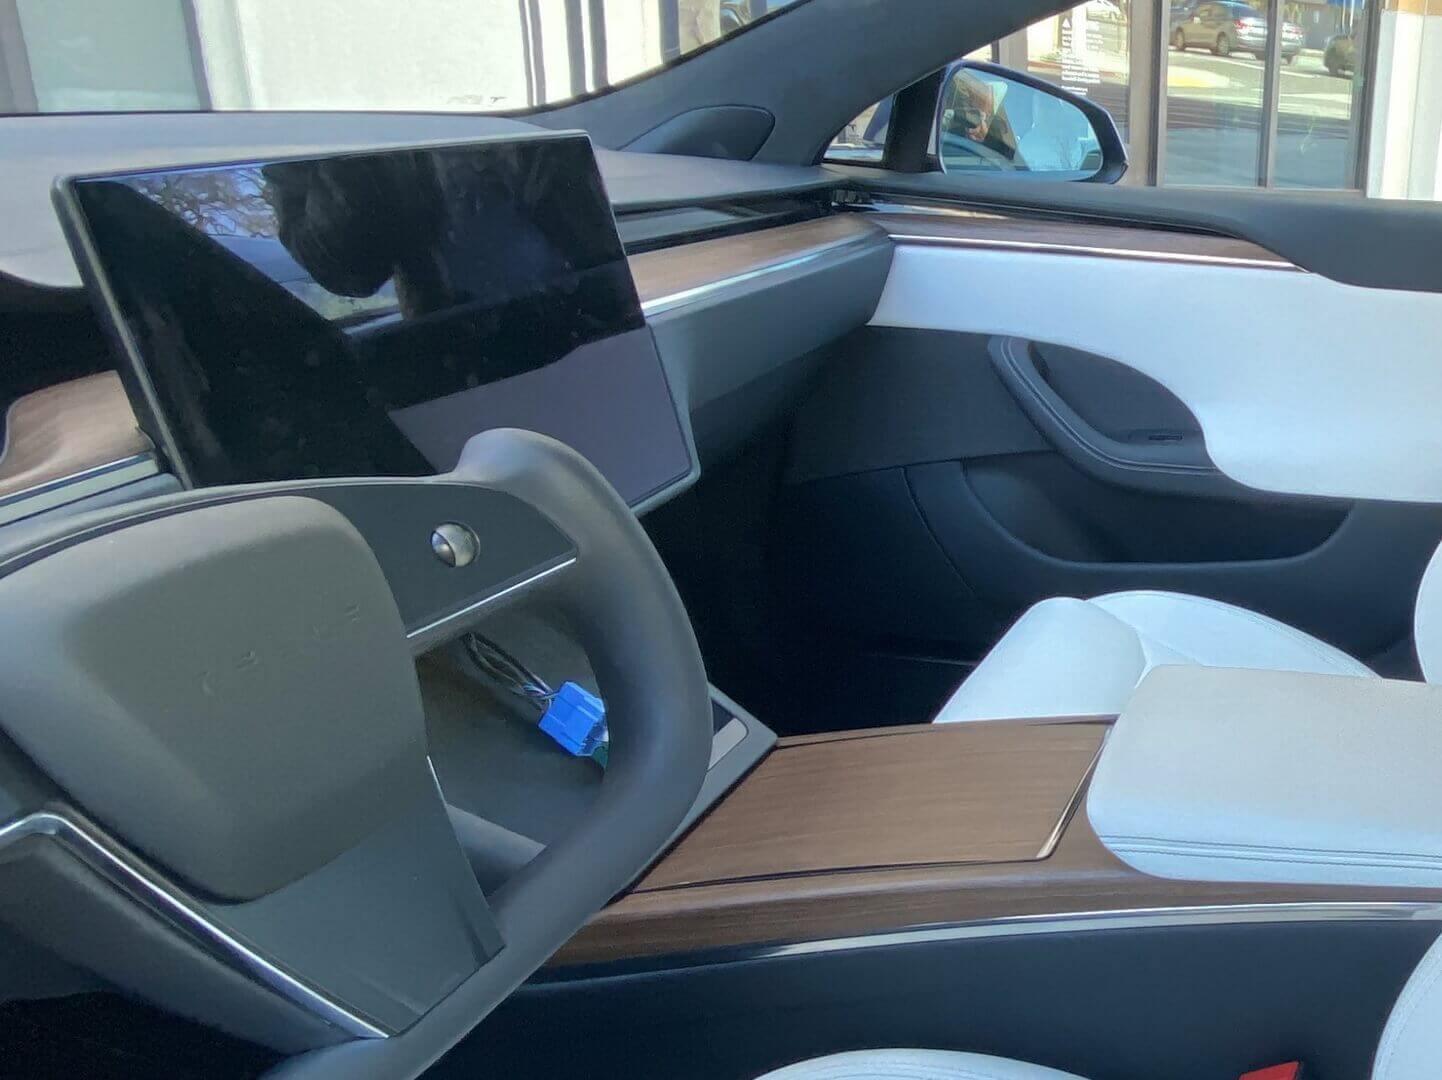 Впервые на серийной машине: шпионские фото штурвала обновленной Tesla Model S